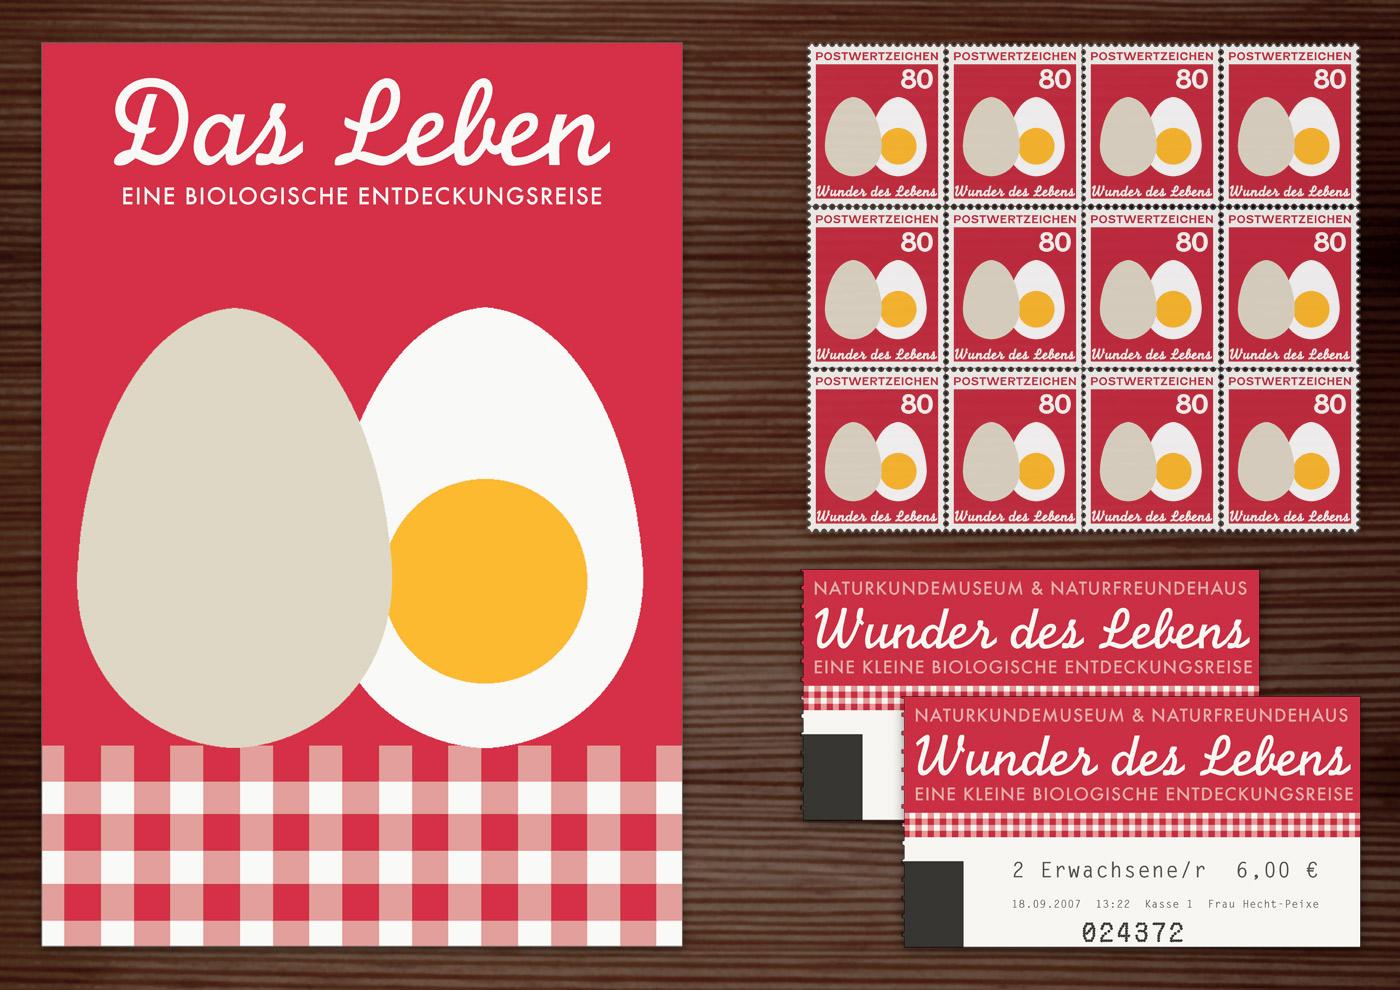 Corporate Identity, Logo und Grafik Design für Werbung, Schilder, Poster, Postkarten, Flyer, Eintrittskarten und Buttons für die Ausstellung Wunder des Lebens in Lily Lux Naturkundemuseum